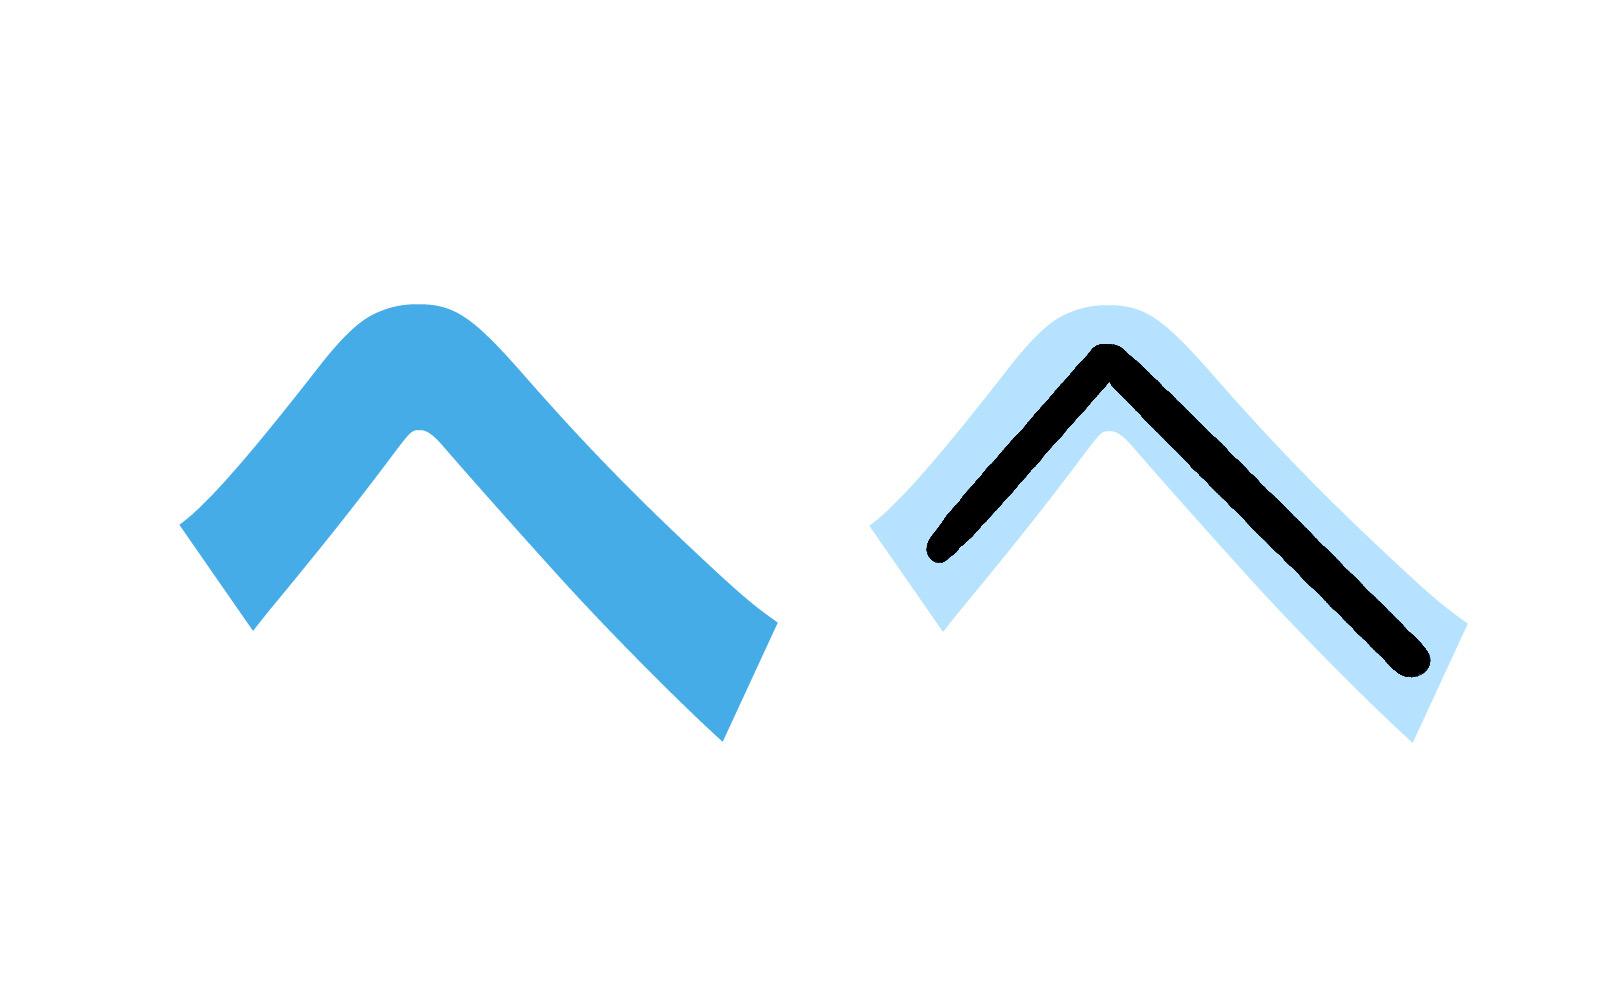 Katakana character ヘ mnemonic